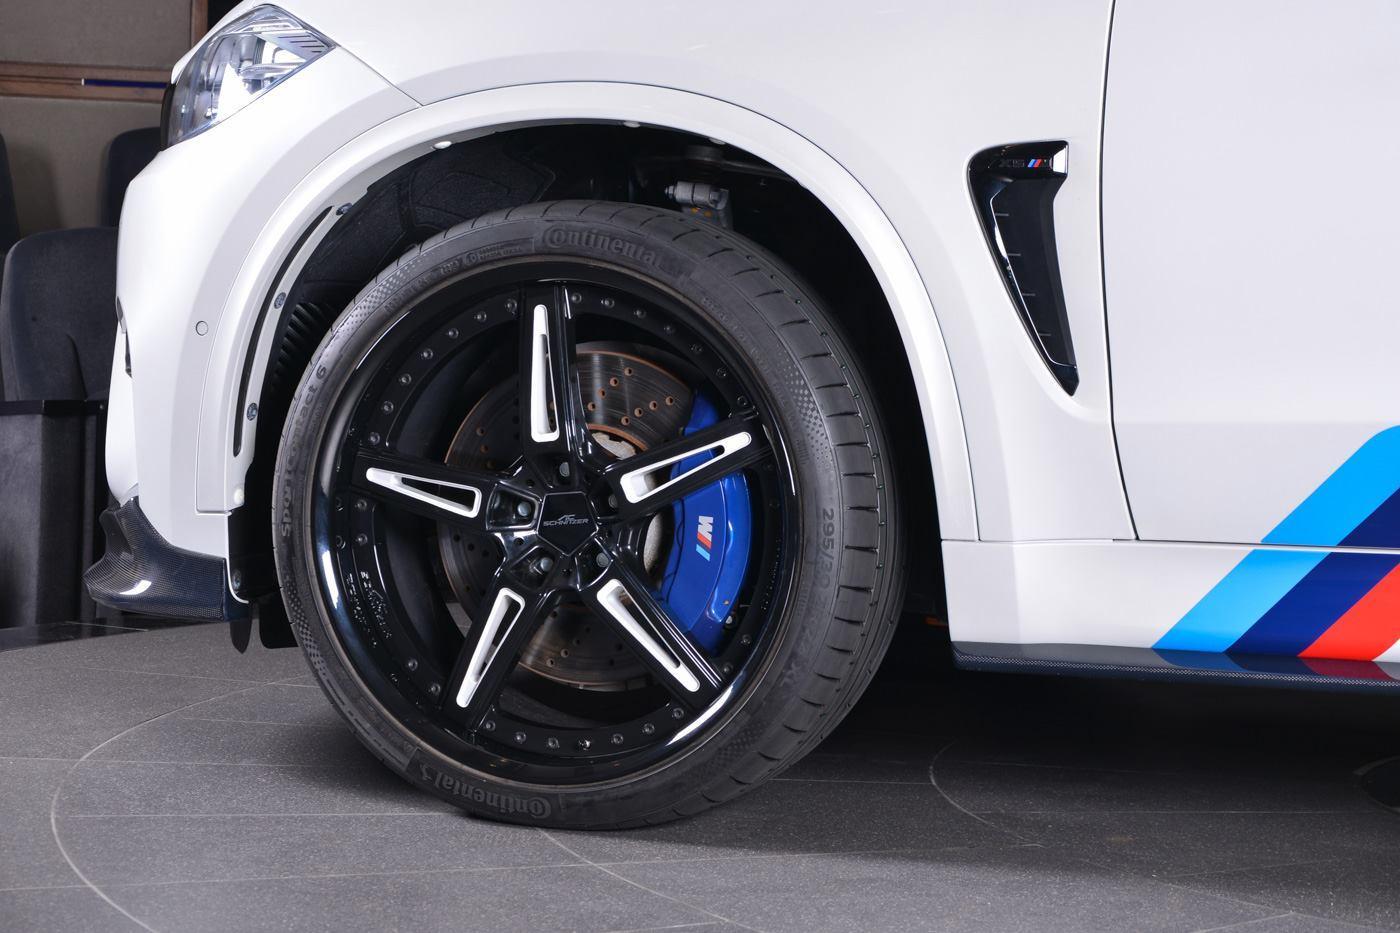 BMW X5 M Abu Dhabi - BMW X5 M Abu Dhabi